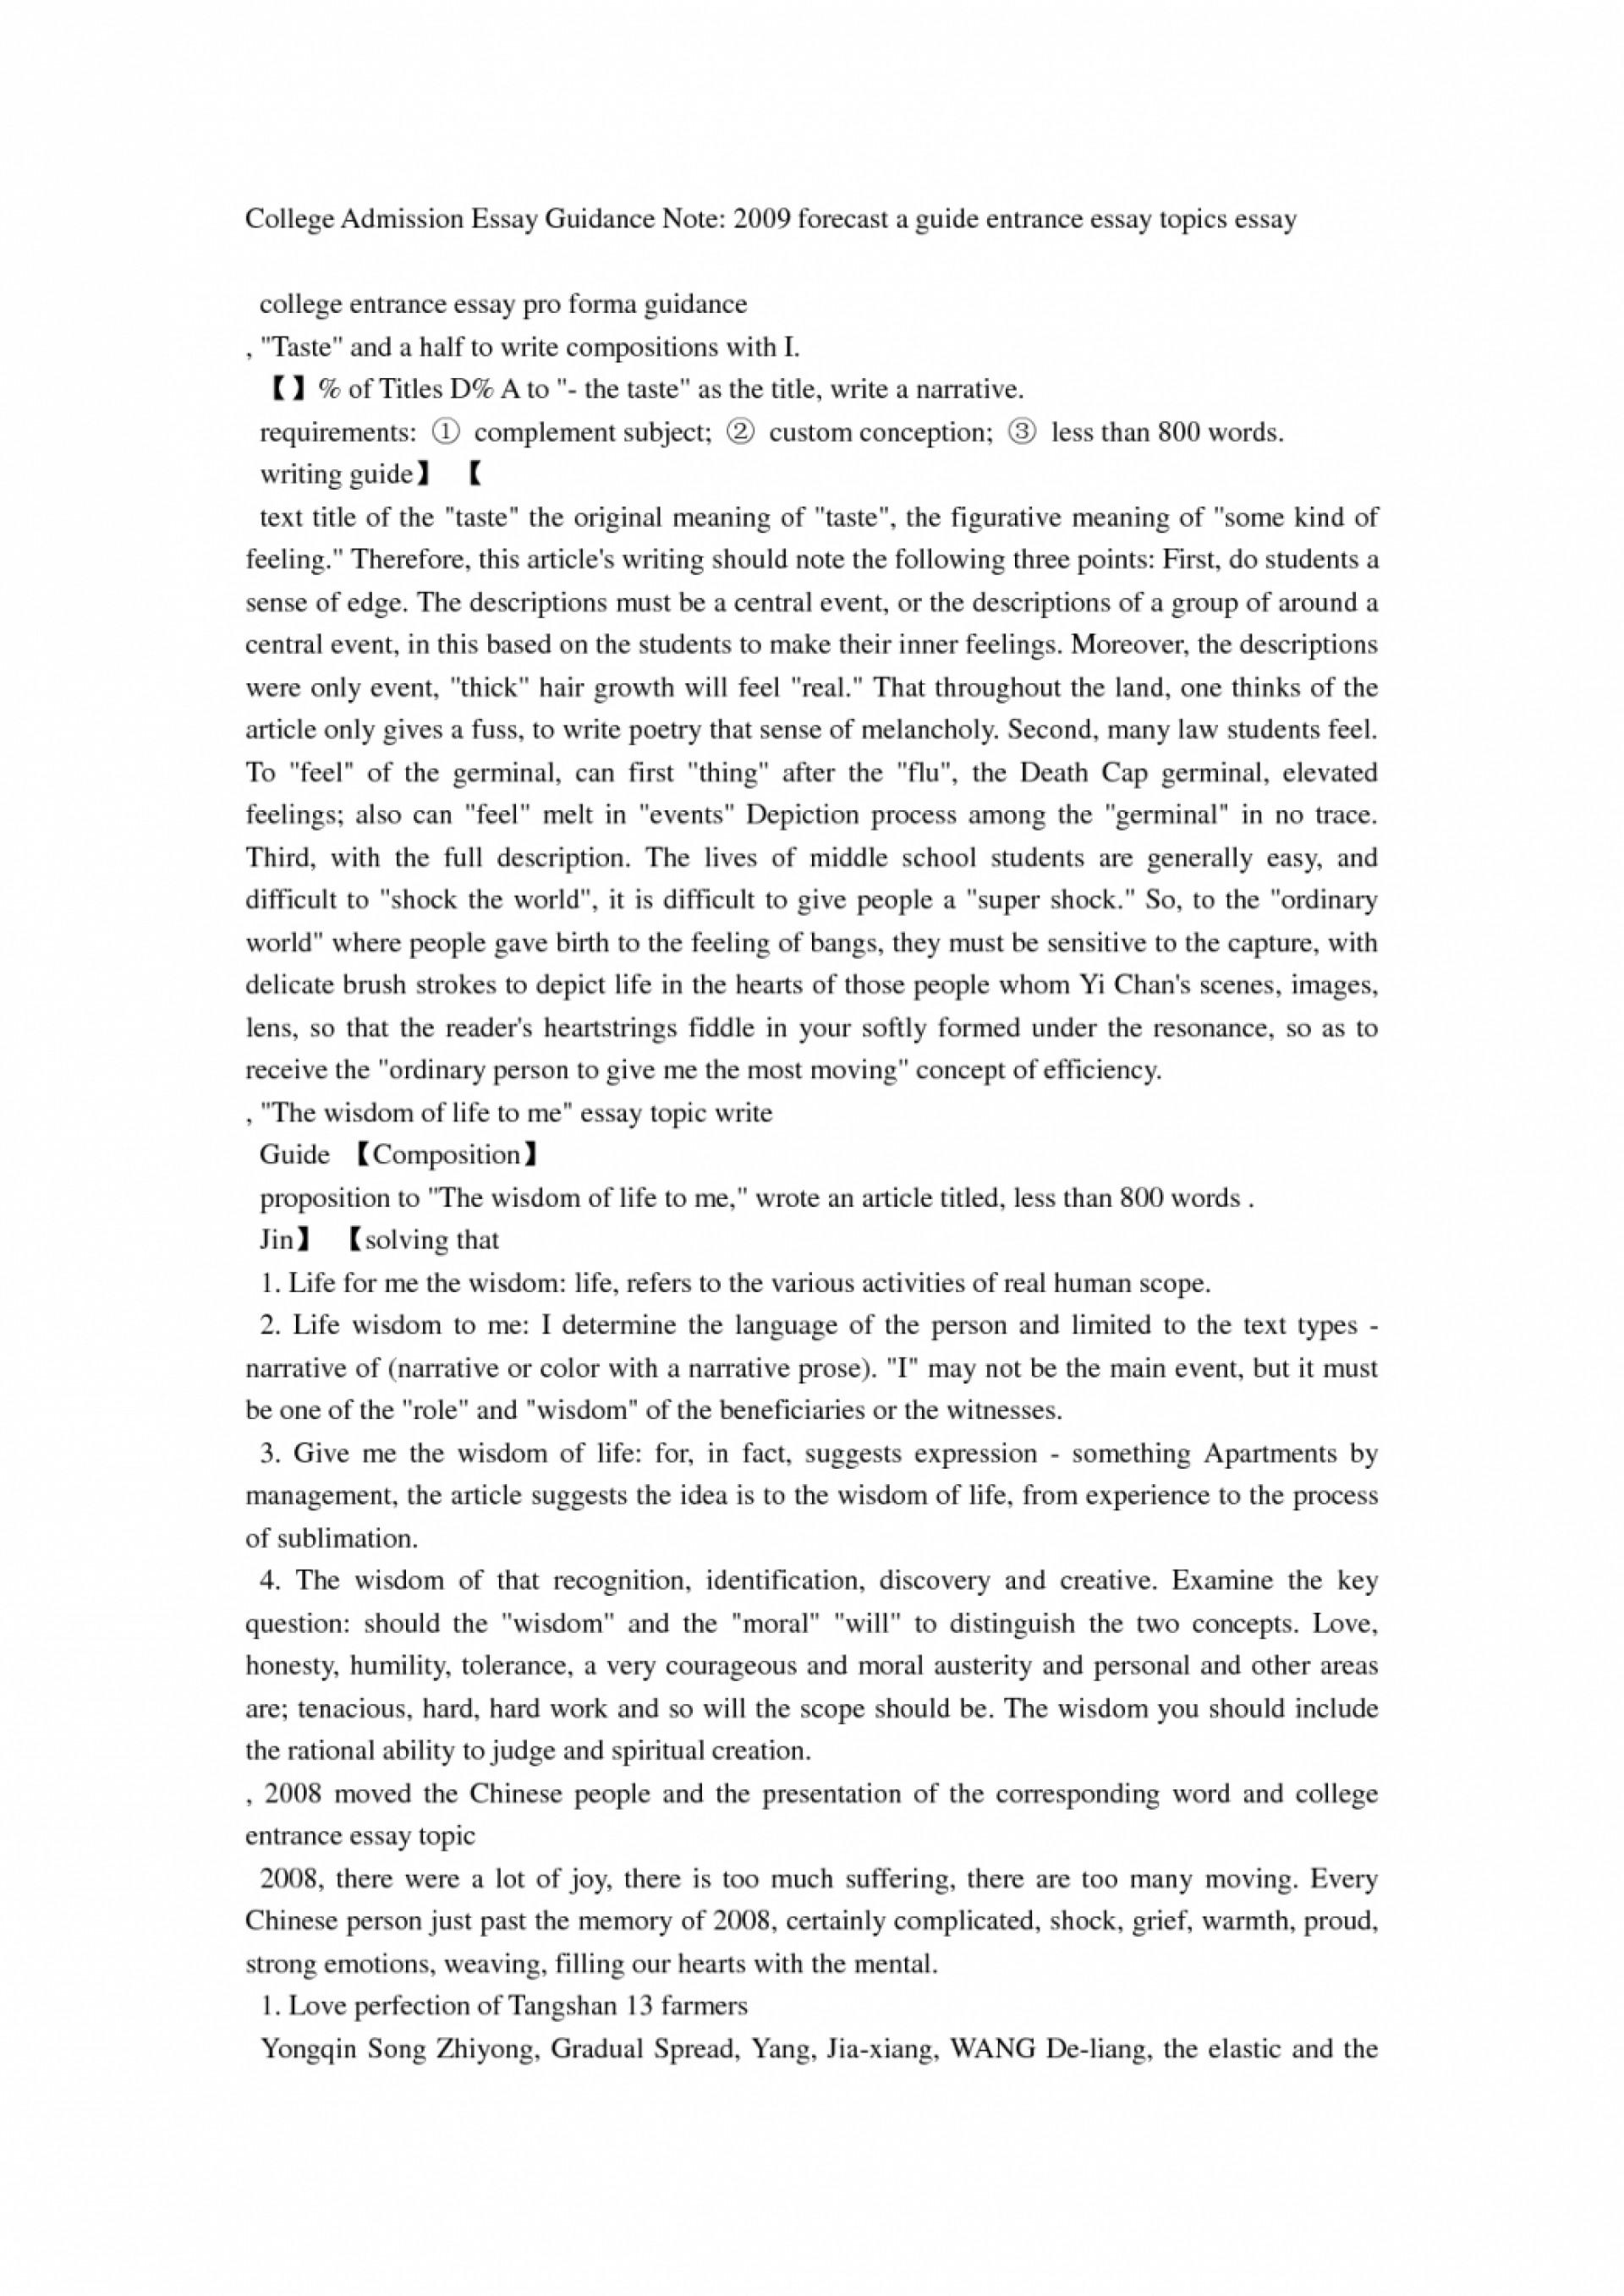 003 Essay Example Social Justice Controversial Topics List Topic Xdaqu Argumentative Singular Good Prompts Prompt 1920